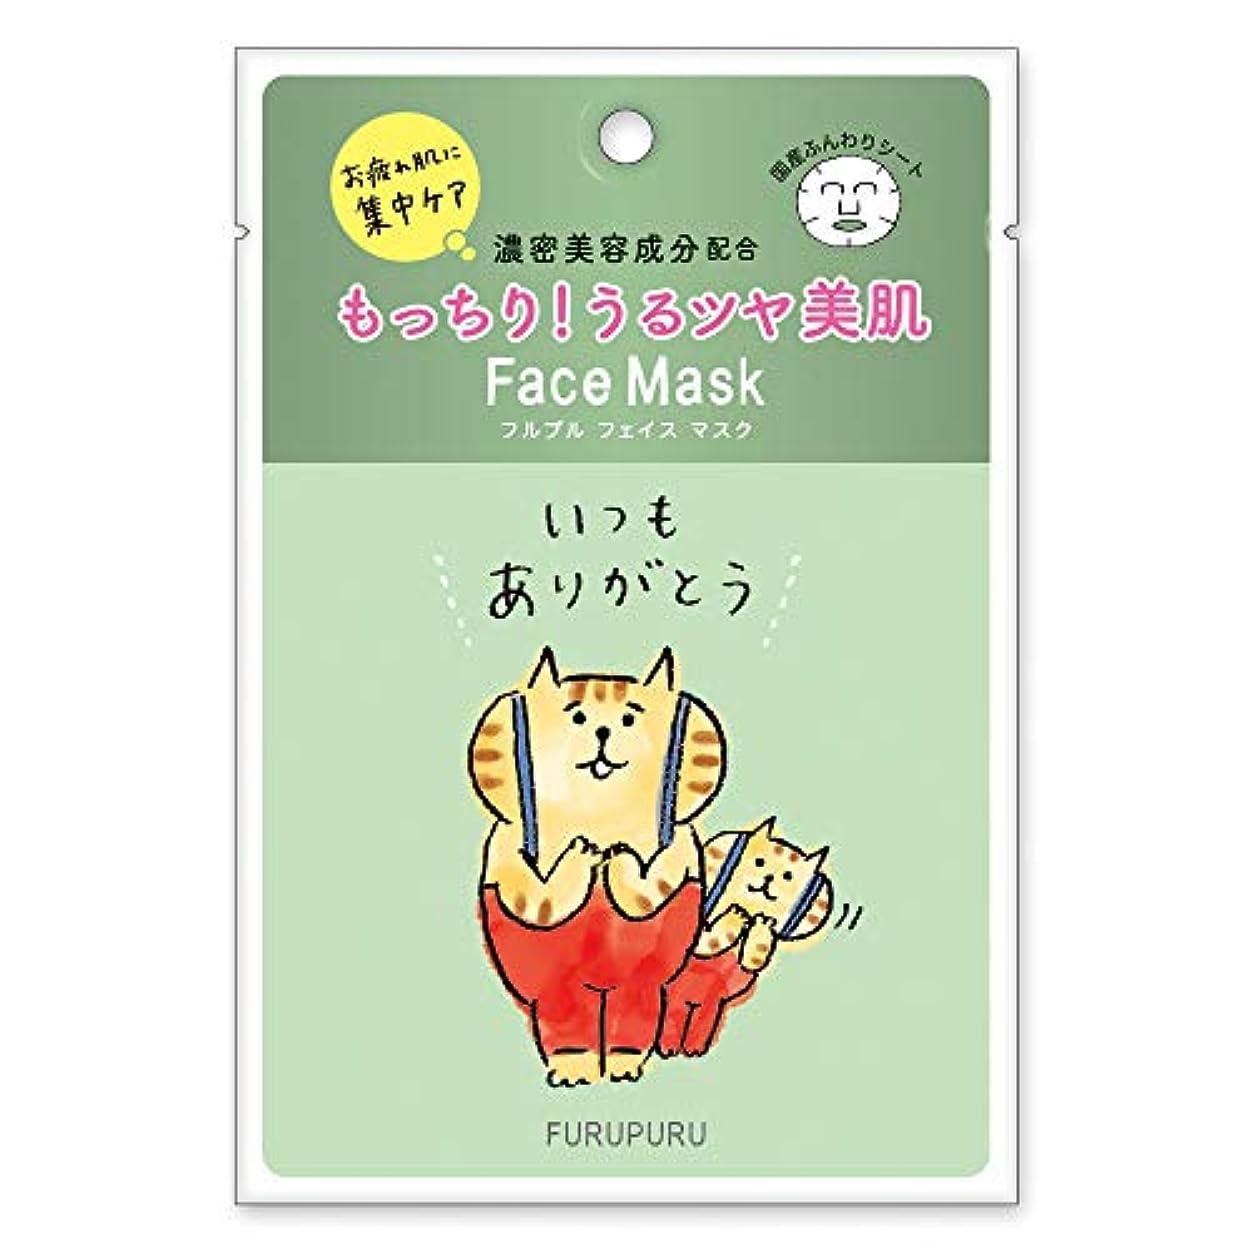 モルヒネ司法海峡フルプルクリーム フルプルフェイスマスク ごろごろにゃんすけ ありがとう やさしく香る天然ローズの香り 30g